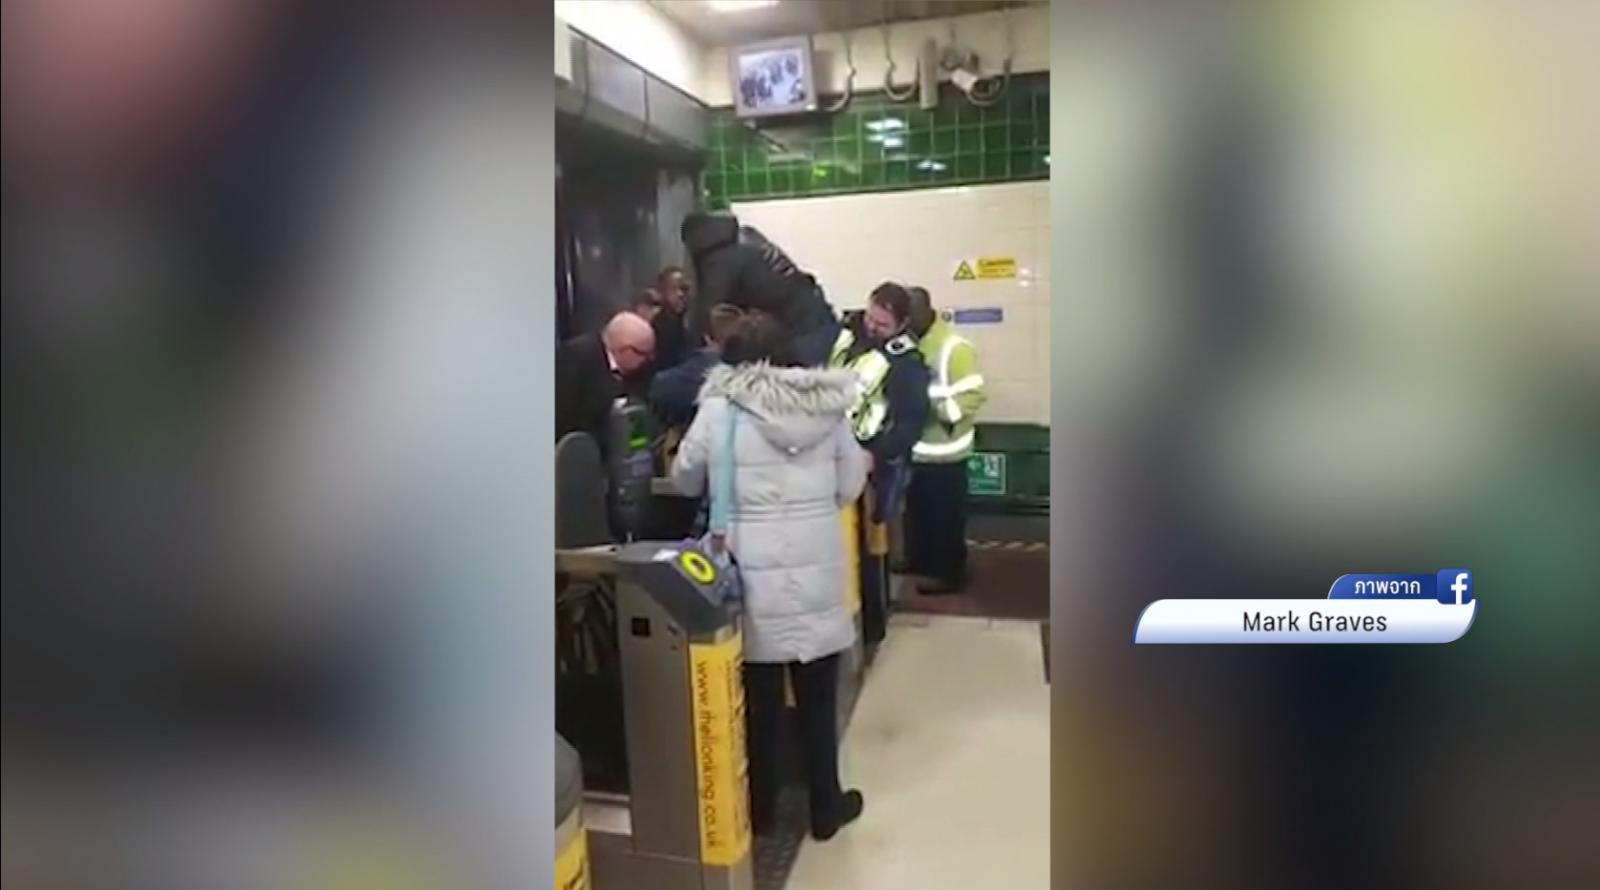 หนุ่มอังกฤษหัวหมอหวังเบี้ยวค่าโดยสาร สุดท้ายถูกประตูหนีบเป้า